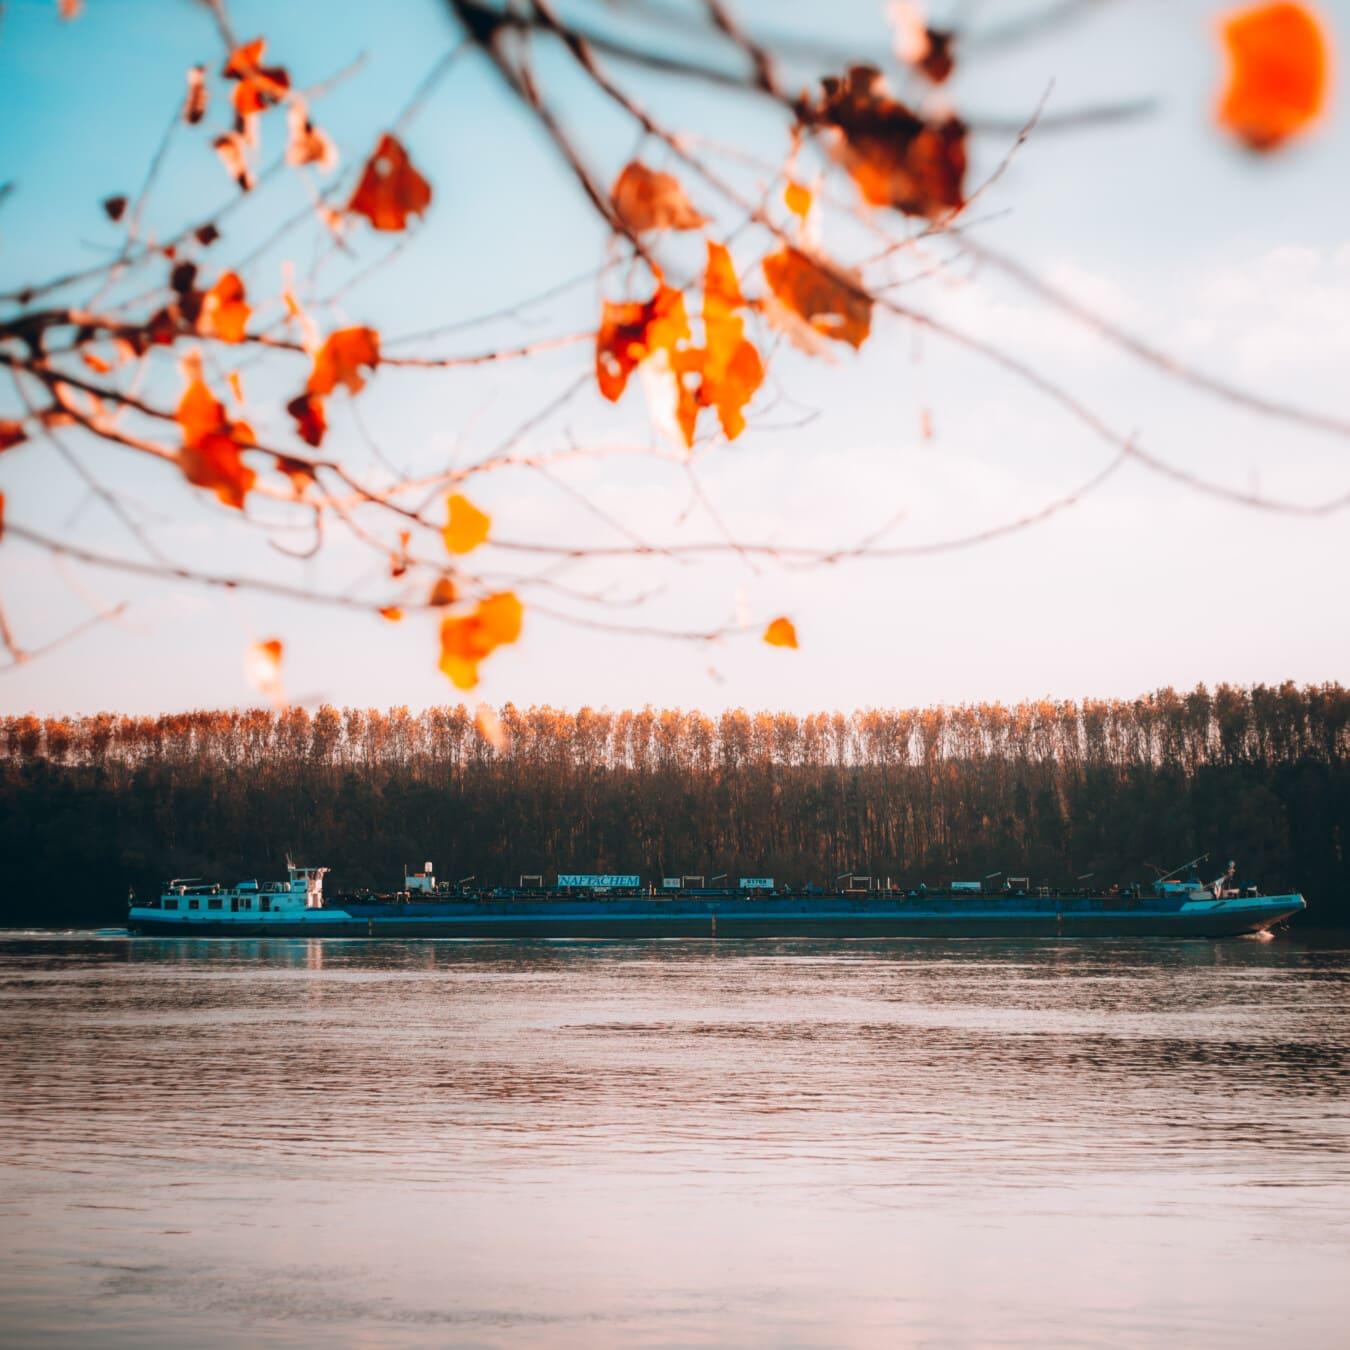 industrielle, Transport, Frachtschiff, Seitenansicht, Lastkahn, Flussufer, Fluss, Danube, Wasser, Landschaft